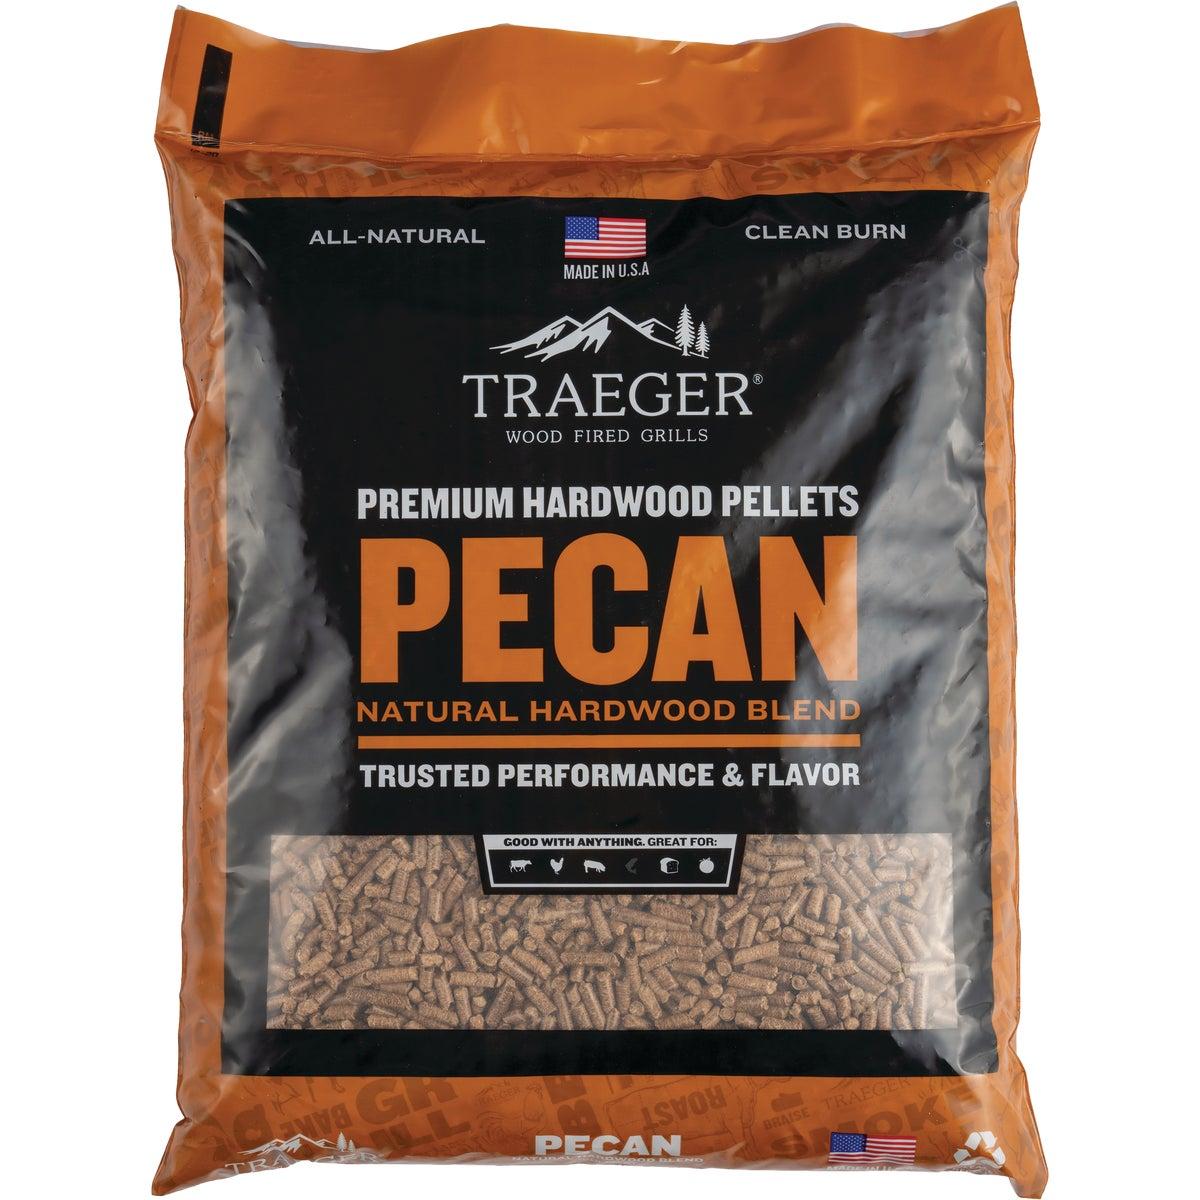 PECAN WOOD PELLETS - PEL314 by Traeger Industries